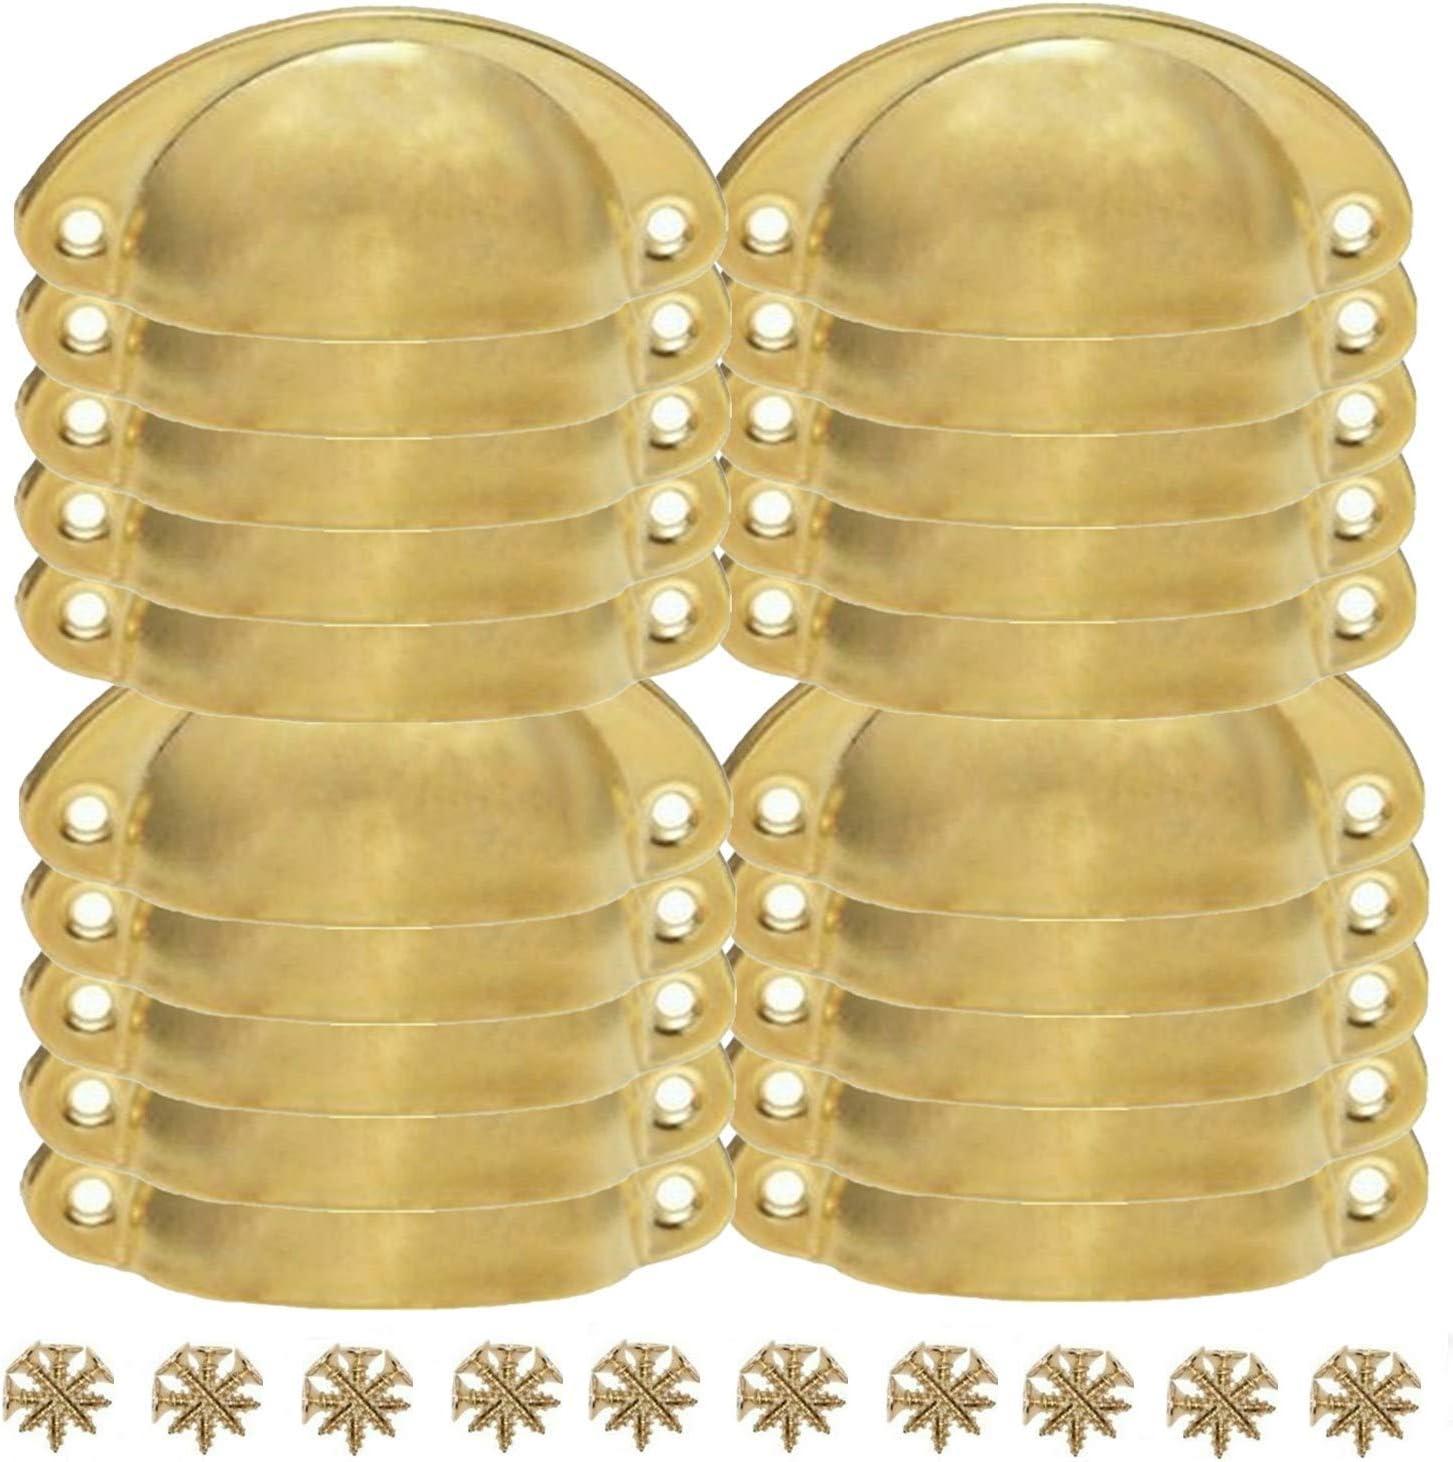 LESOLEIL 20 PCS Vintage Maniglie Conchiglia Porta Cassetto Armadietto Manopole Ferro Shell Coppa Tazza Semicerchio Maniglia Pull Manopola 8.2 cmx3.5 cm Oro